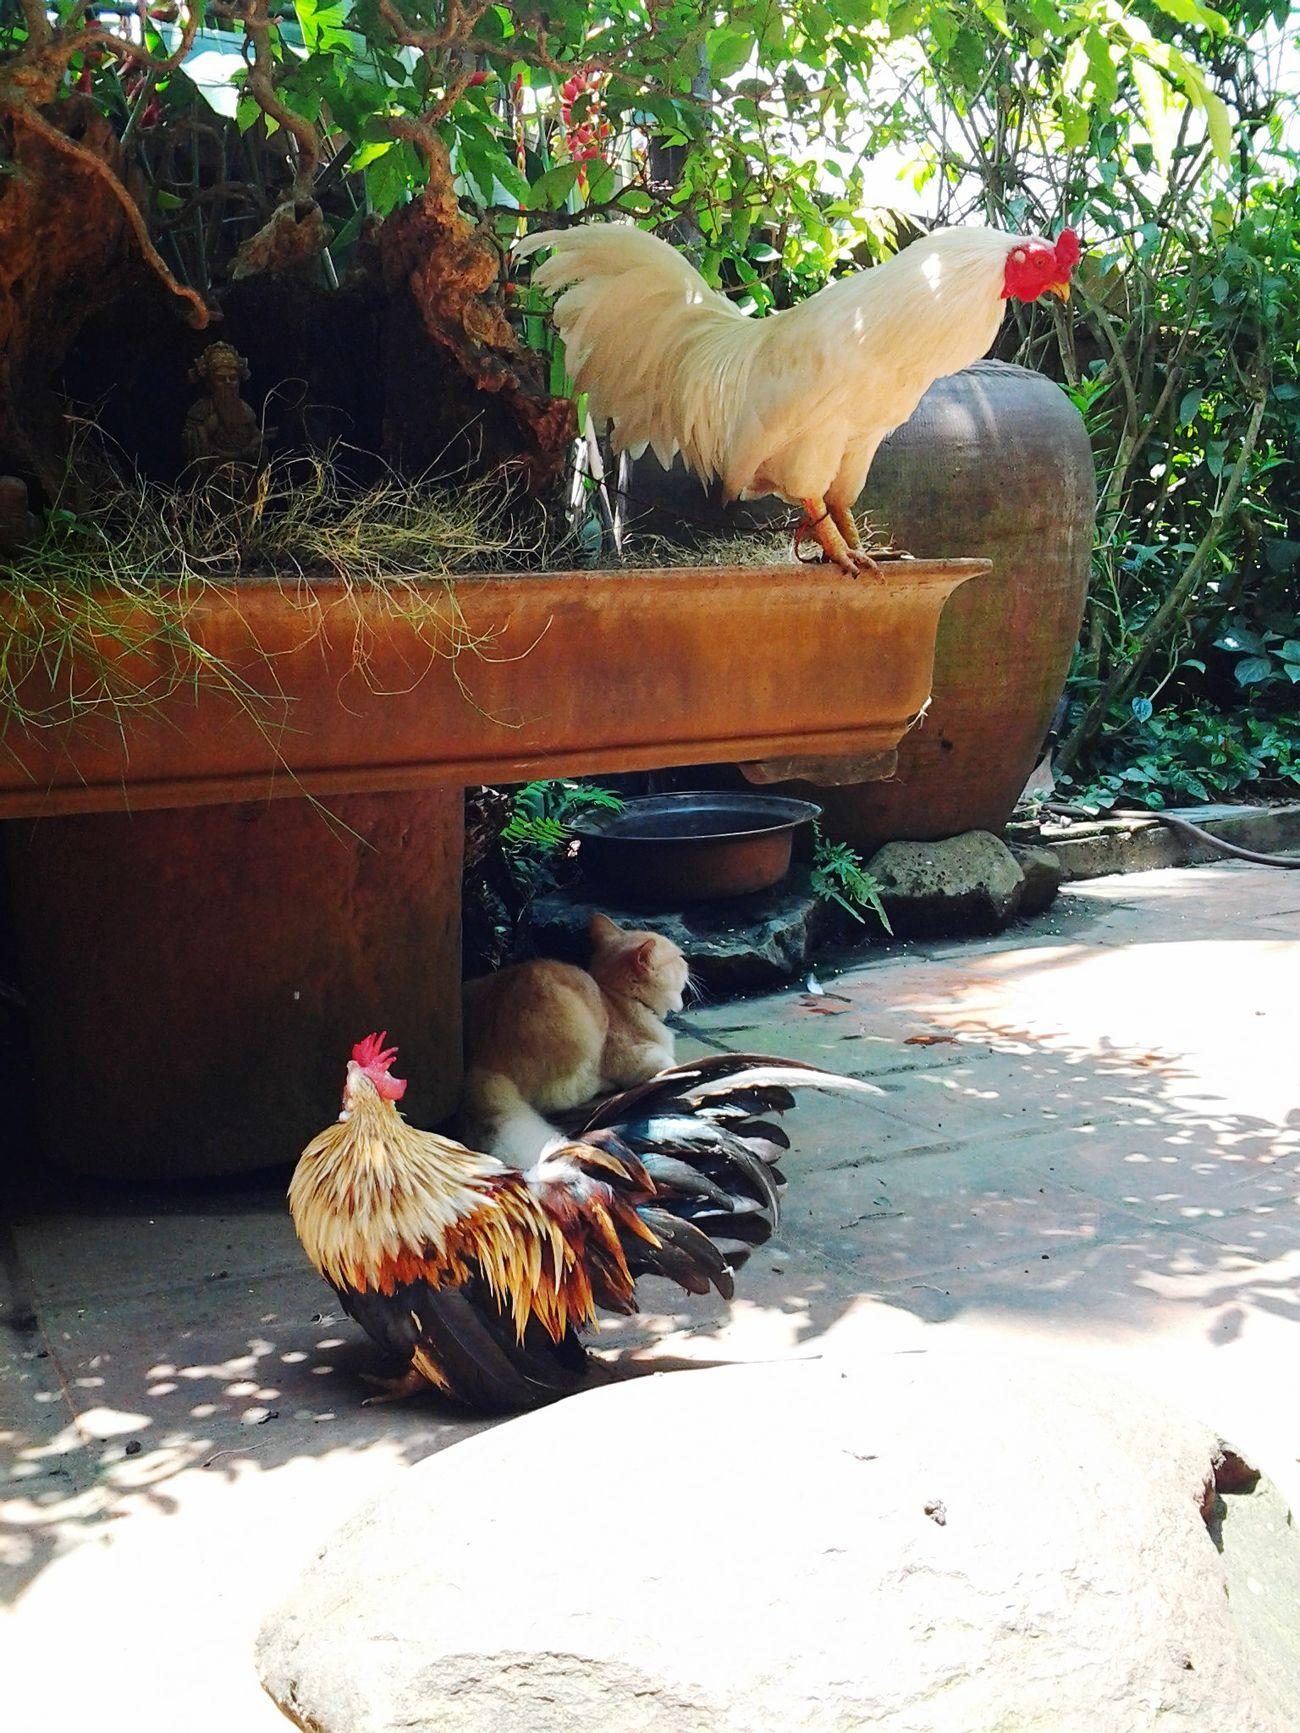 Chs bố mẹ cứ thích nuôi gà 🐔 nhiều lúc đang cần yên tĩnh mà nó cứ gân cổ lên gáy ý 😠💢 đm chỉ muốn chạy xuống bẻ cổ nó thôi 👊👊👊 ghét 💨 Gà Serama